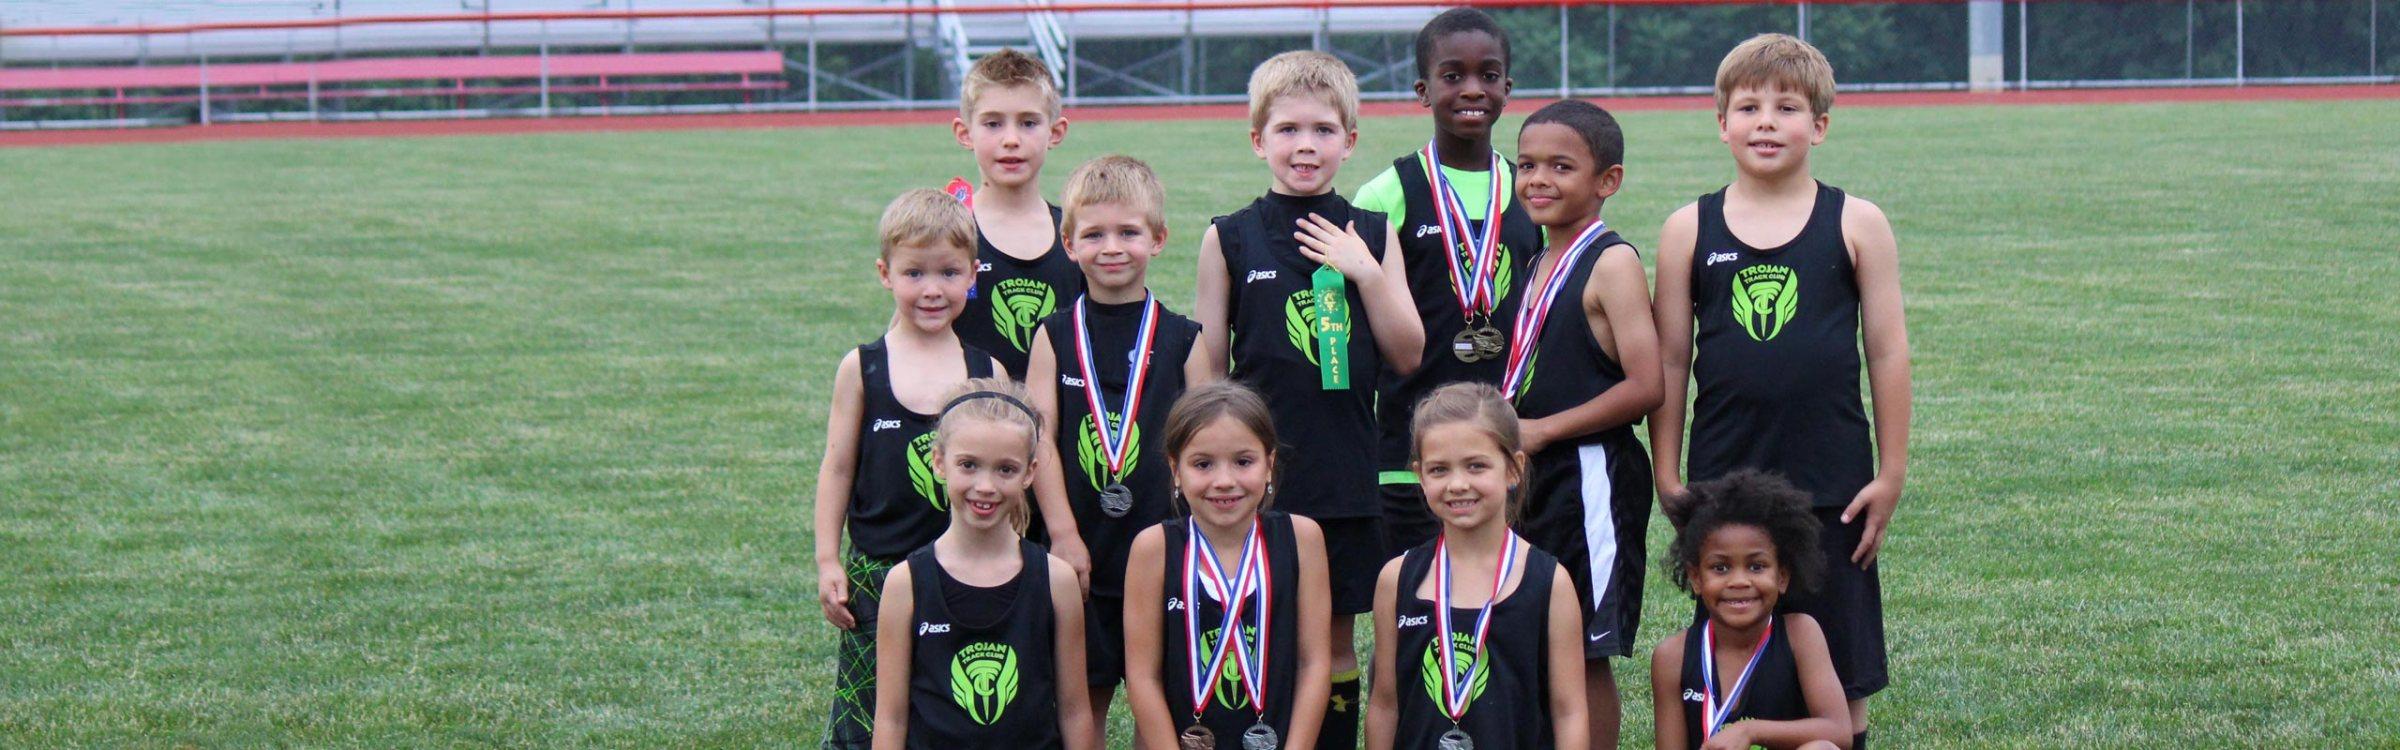 U8 TTC Athletes